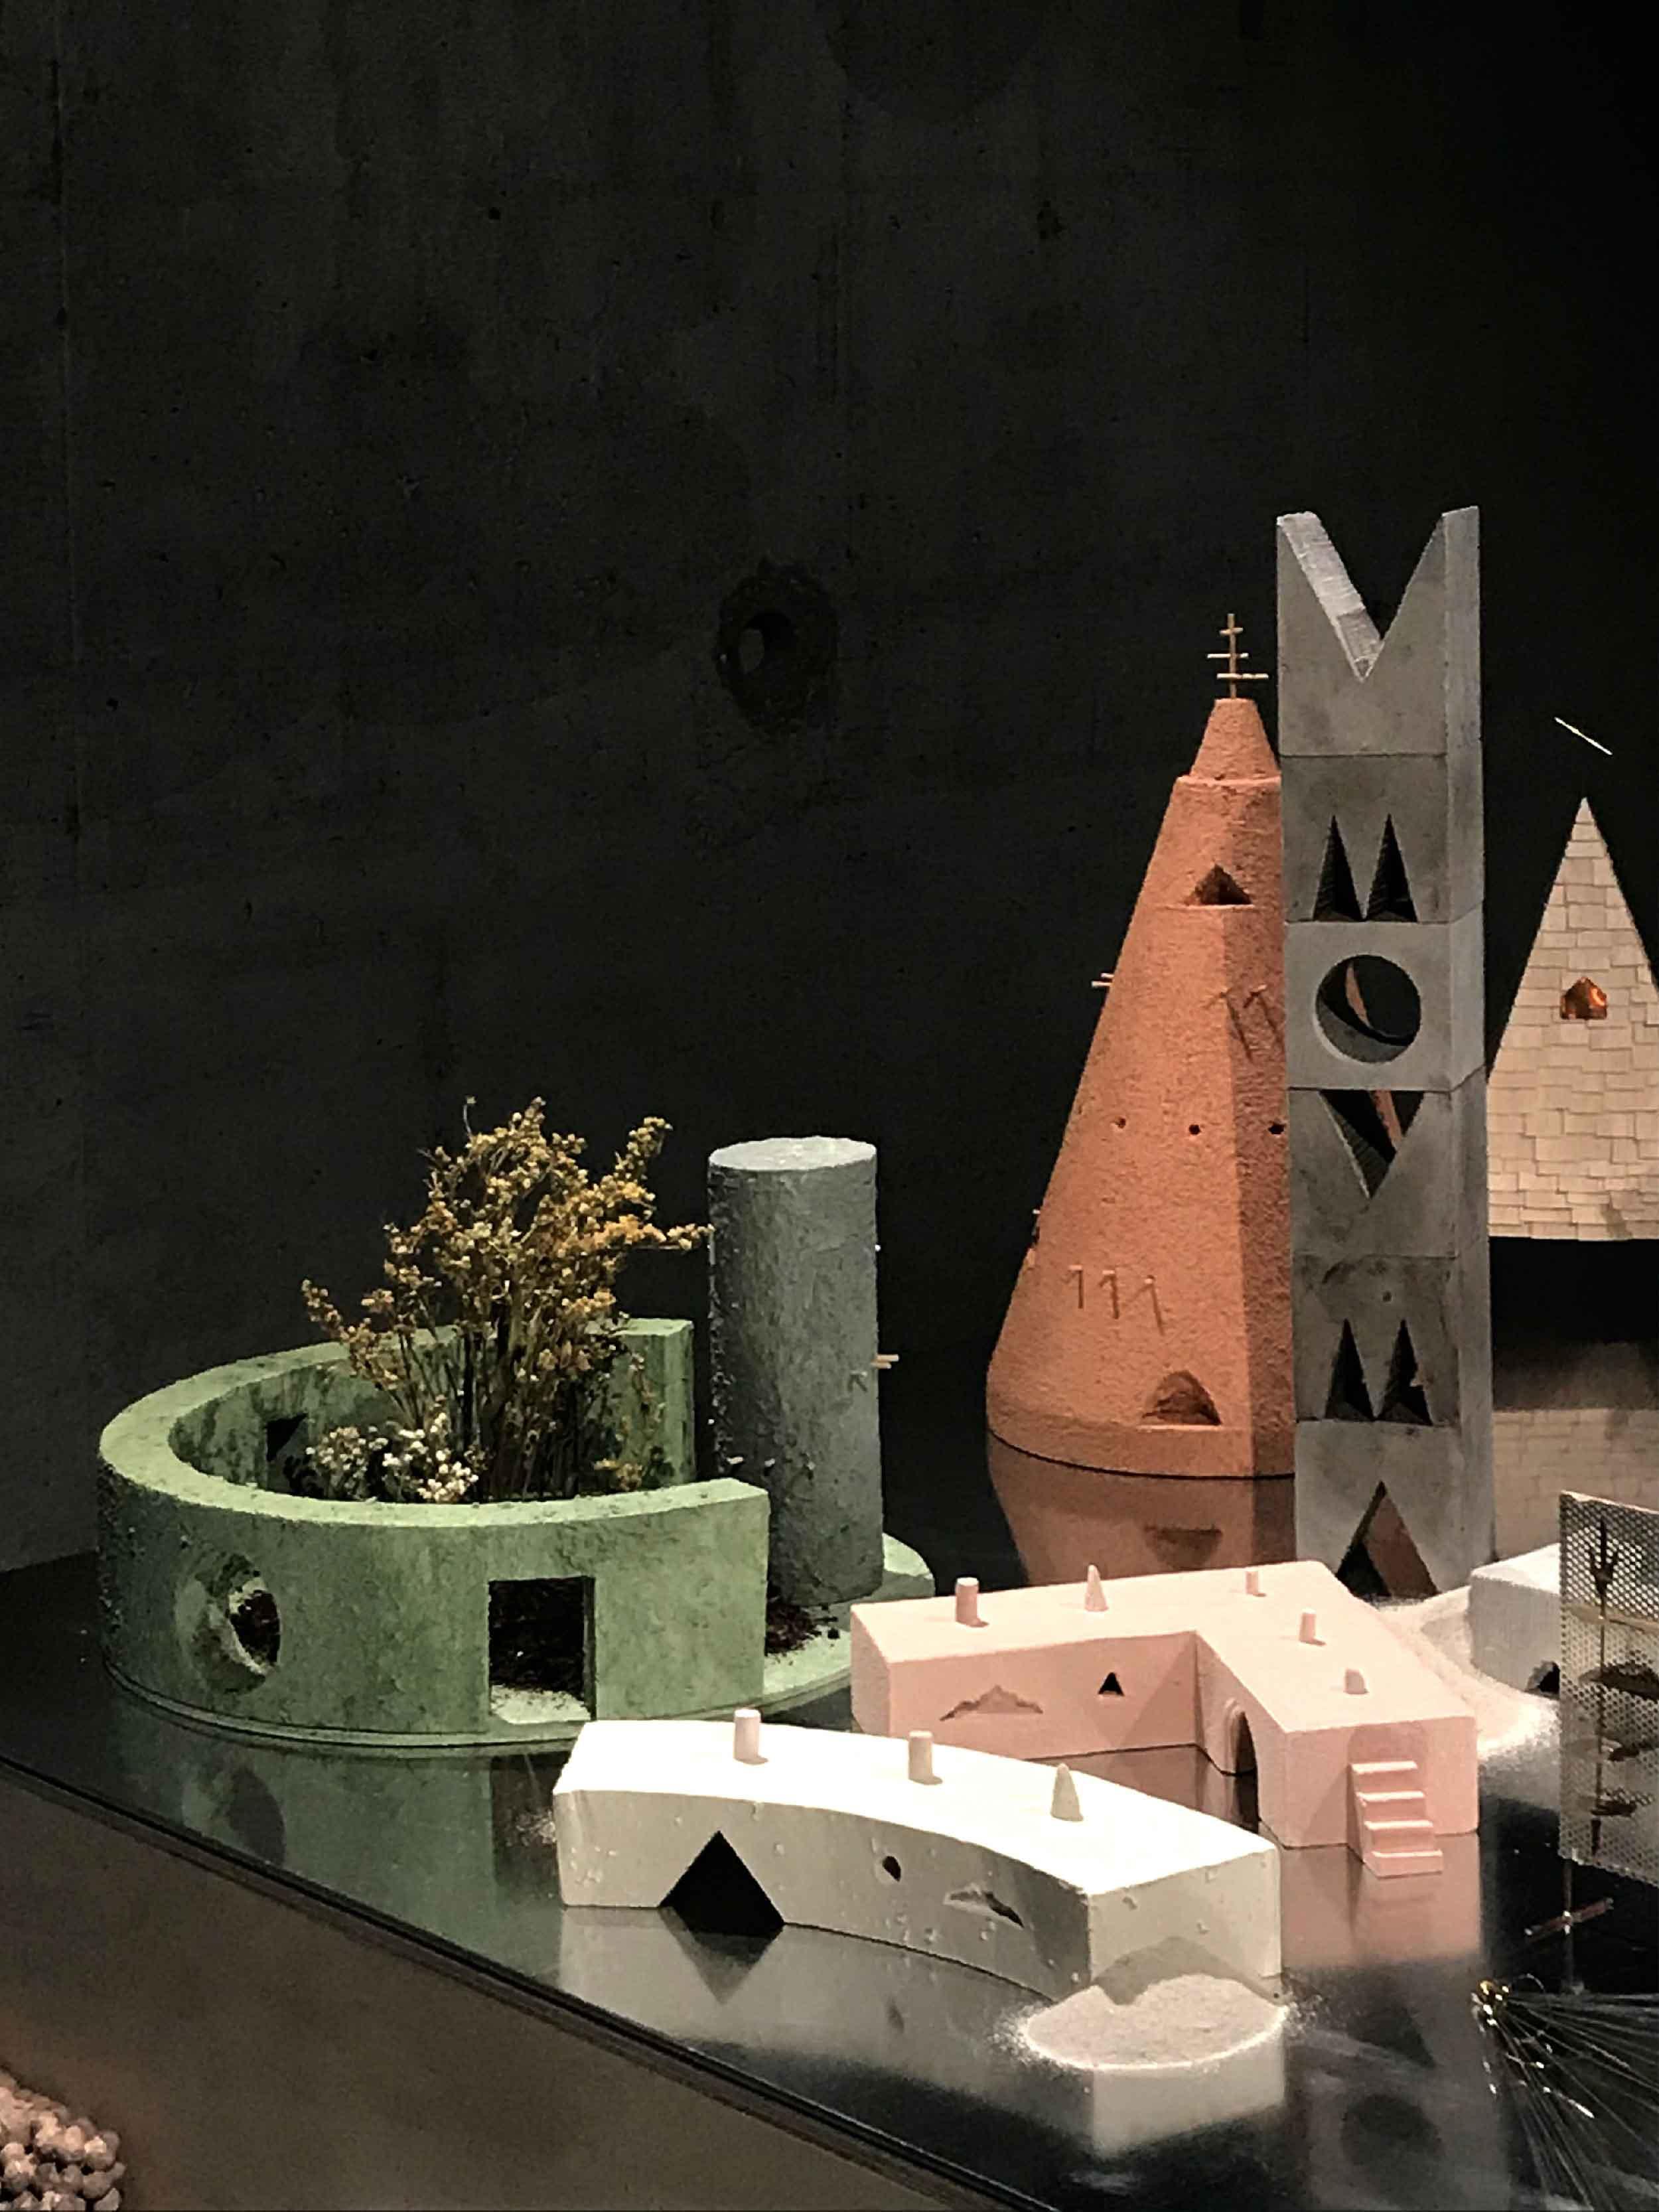 Studio Ossidiana, Variation on a Bird Cage, 2019-20. Courtesy Studio Ossidiana